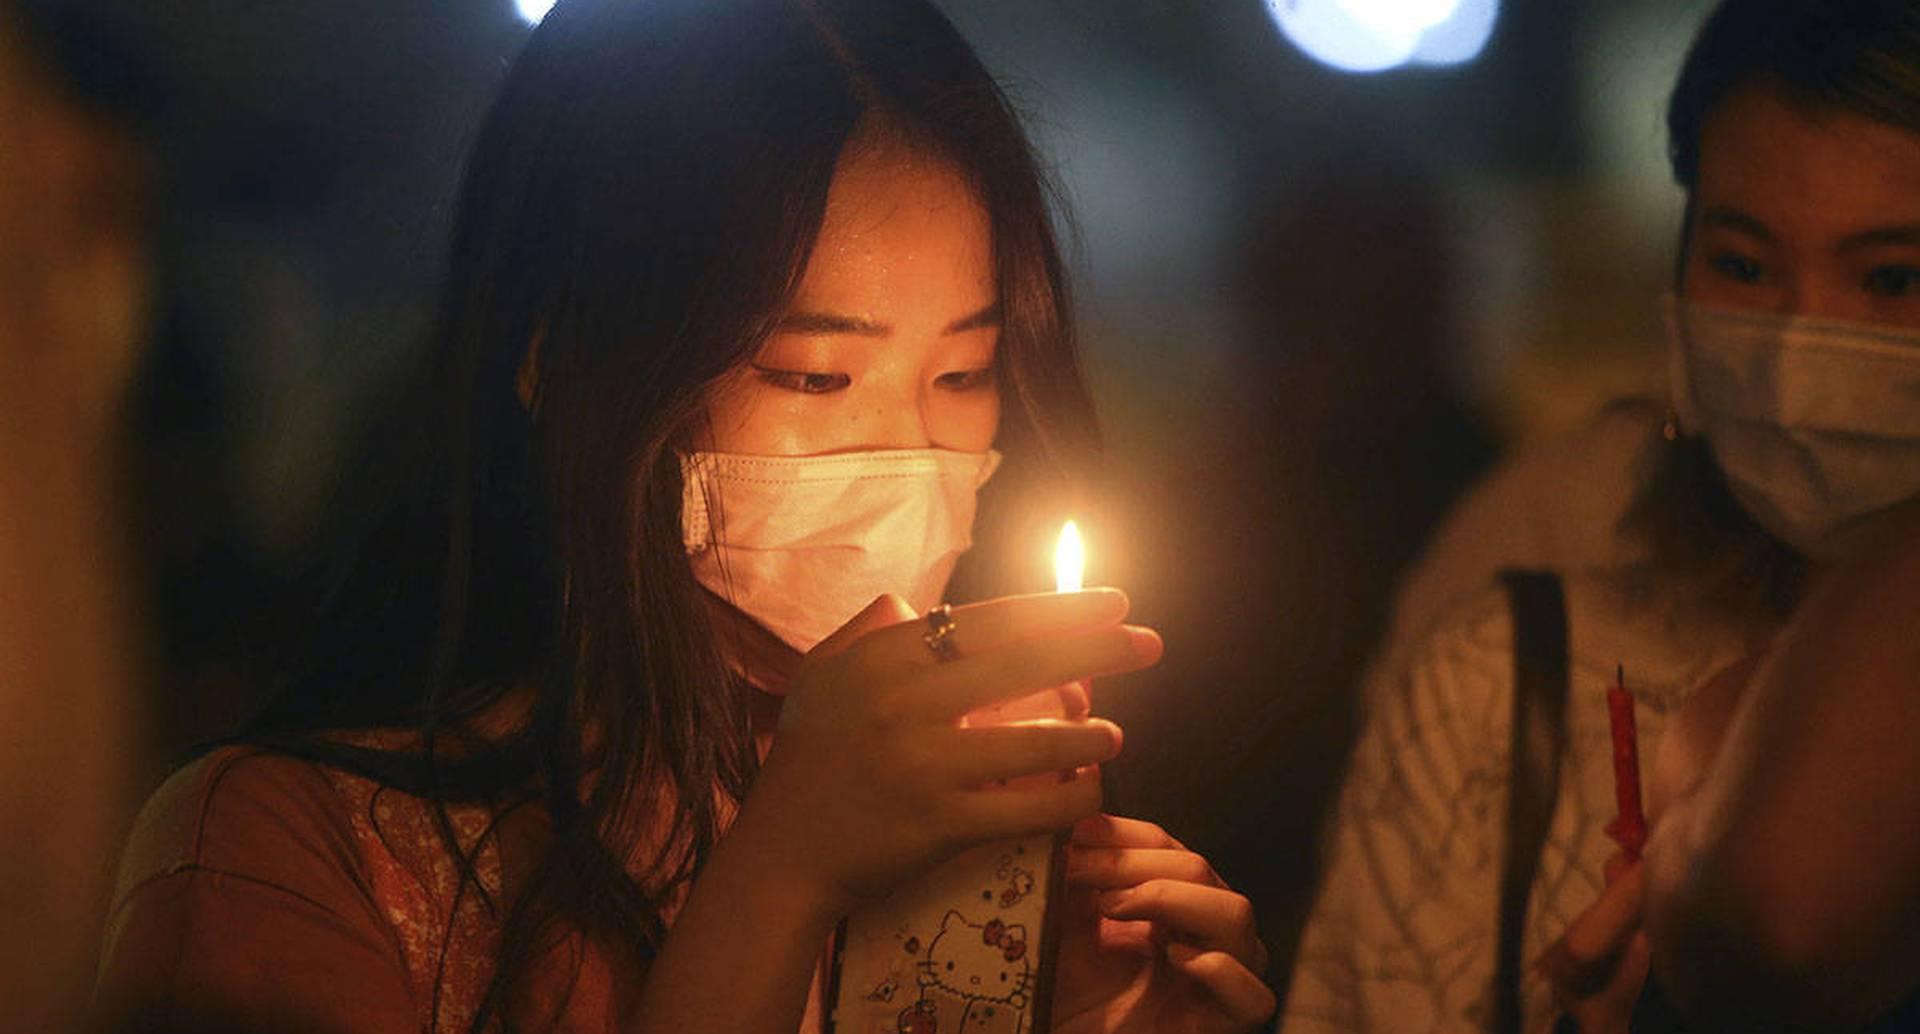 Cientos de participantes asisten a una vigilia a la luz de las velas en la Plaza de la Democracia en Taipei, Taiwán, el jueves 4 de junio de 2020, para conmemorar el 31 aniversario de la represión militar china contra el movimiento prodemocrático en la Plaza Tiananmen de Beijing. (Foto AP / Chiang Ying-ying)